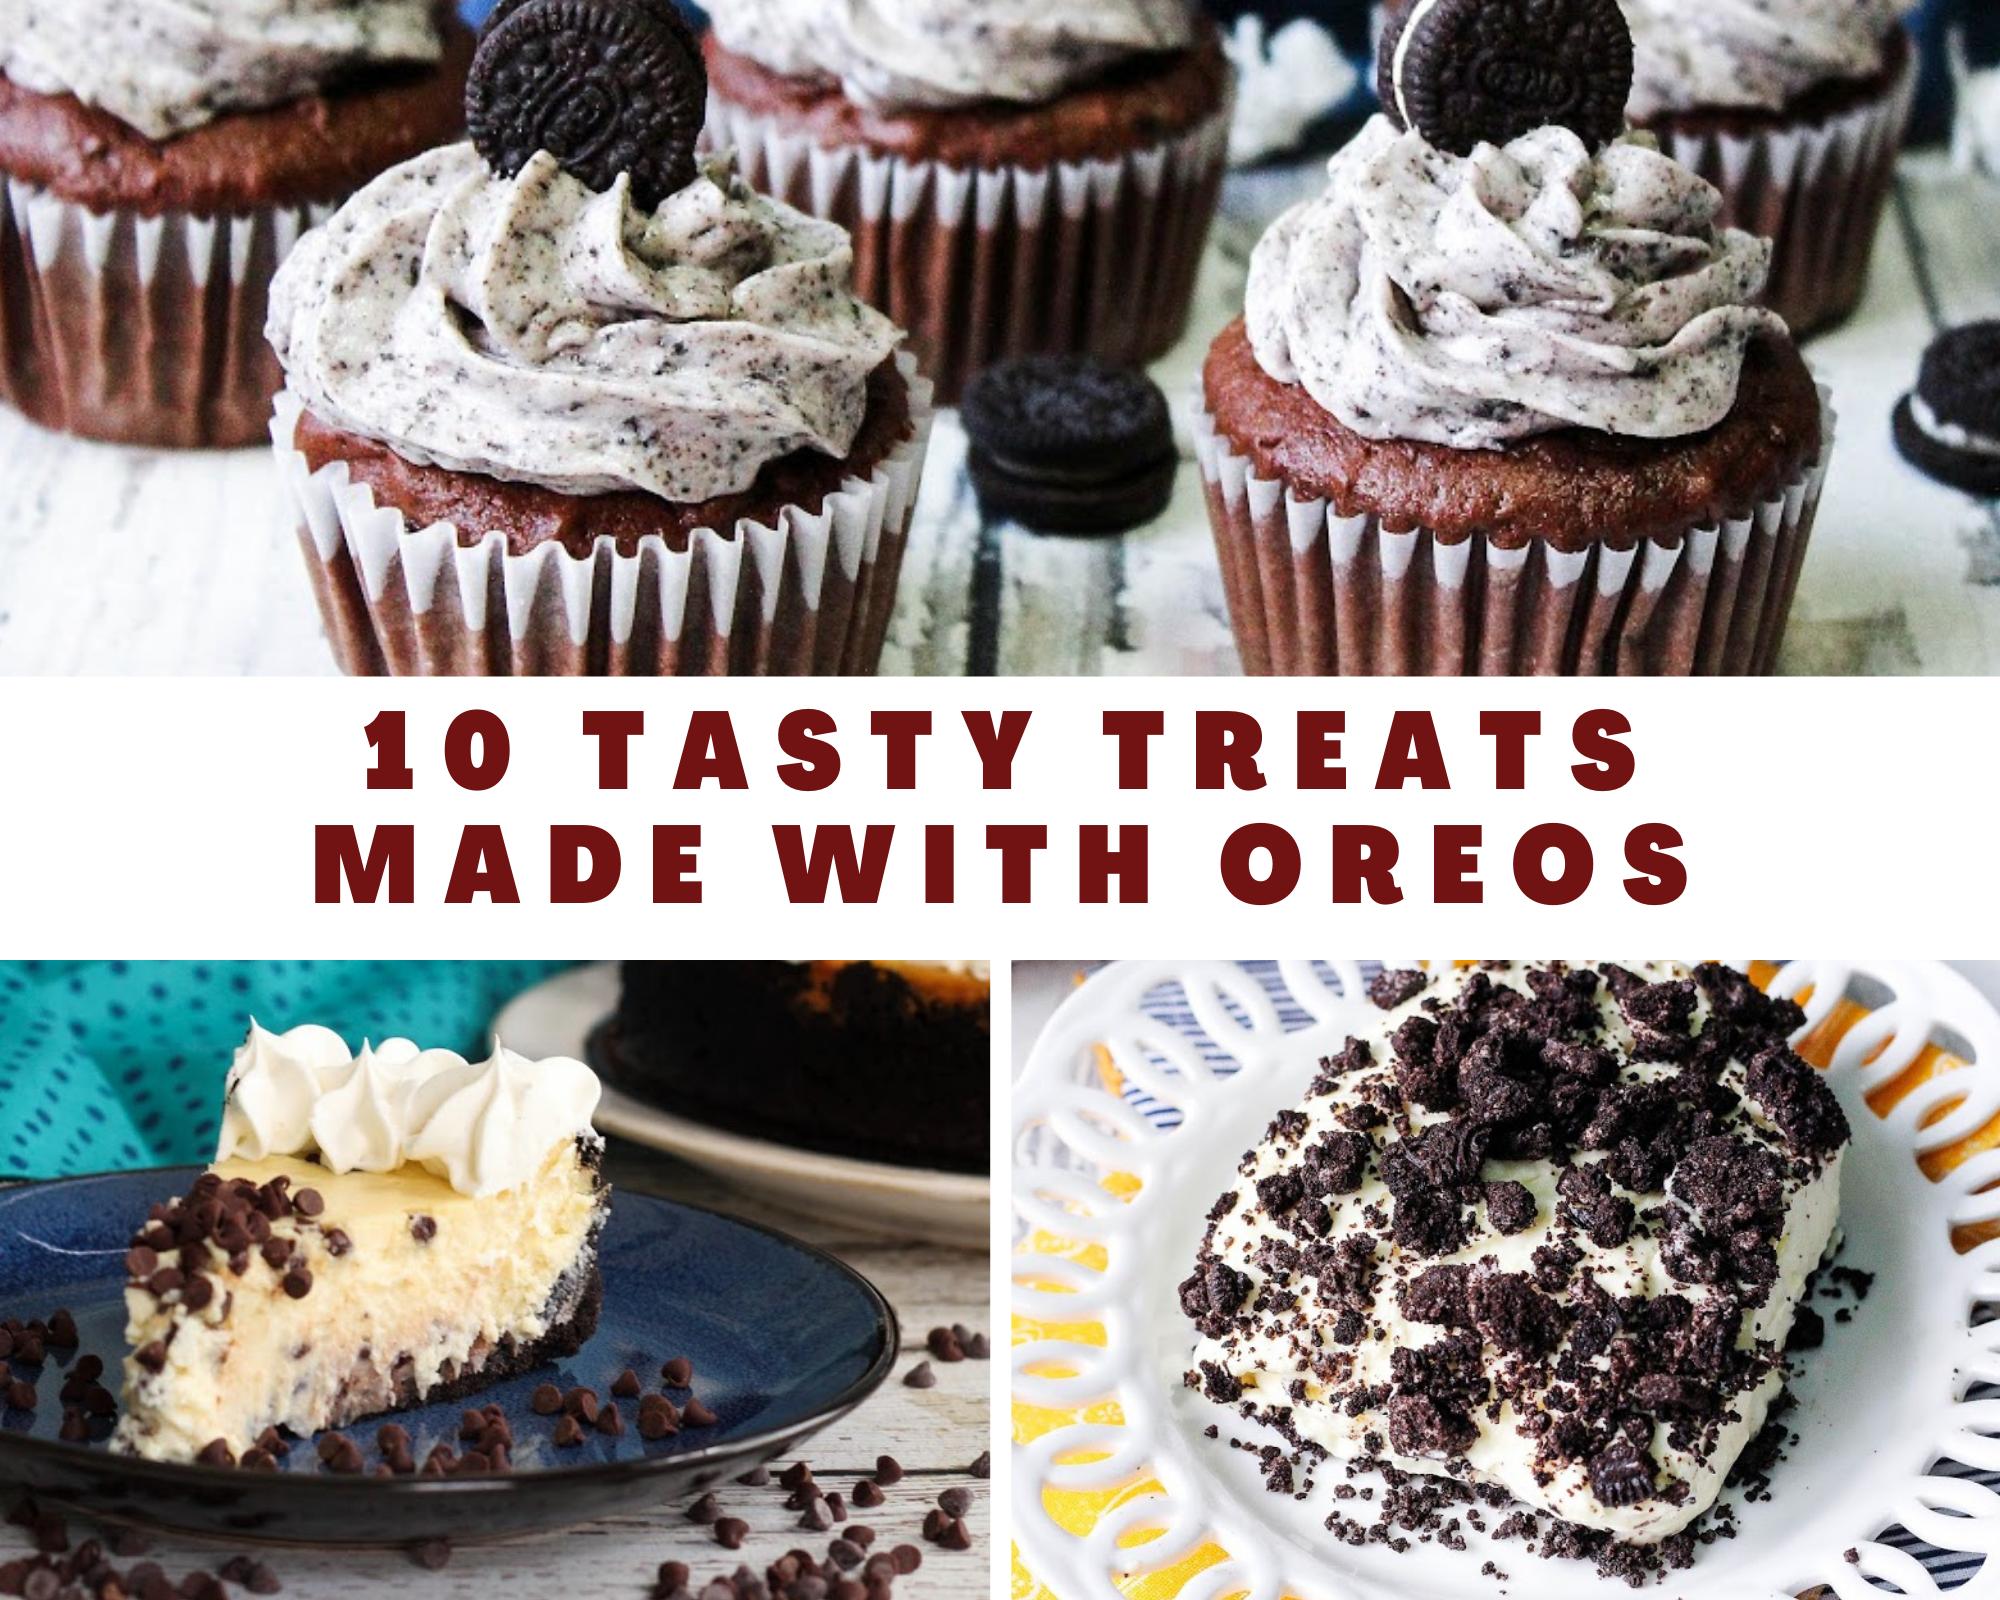 oreo cupcakes, oreo pie and oreo dirt pudding